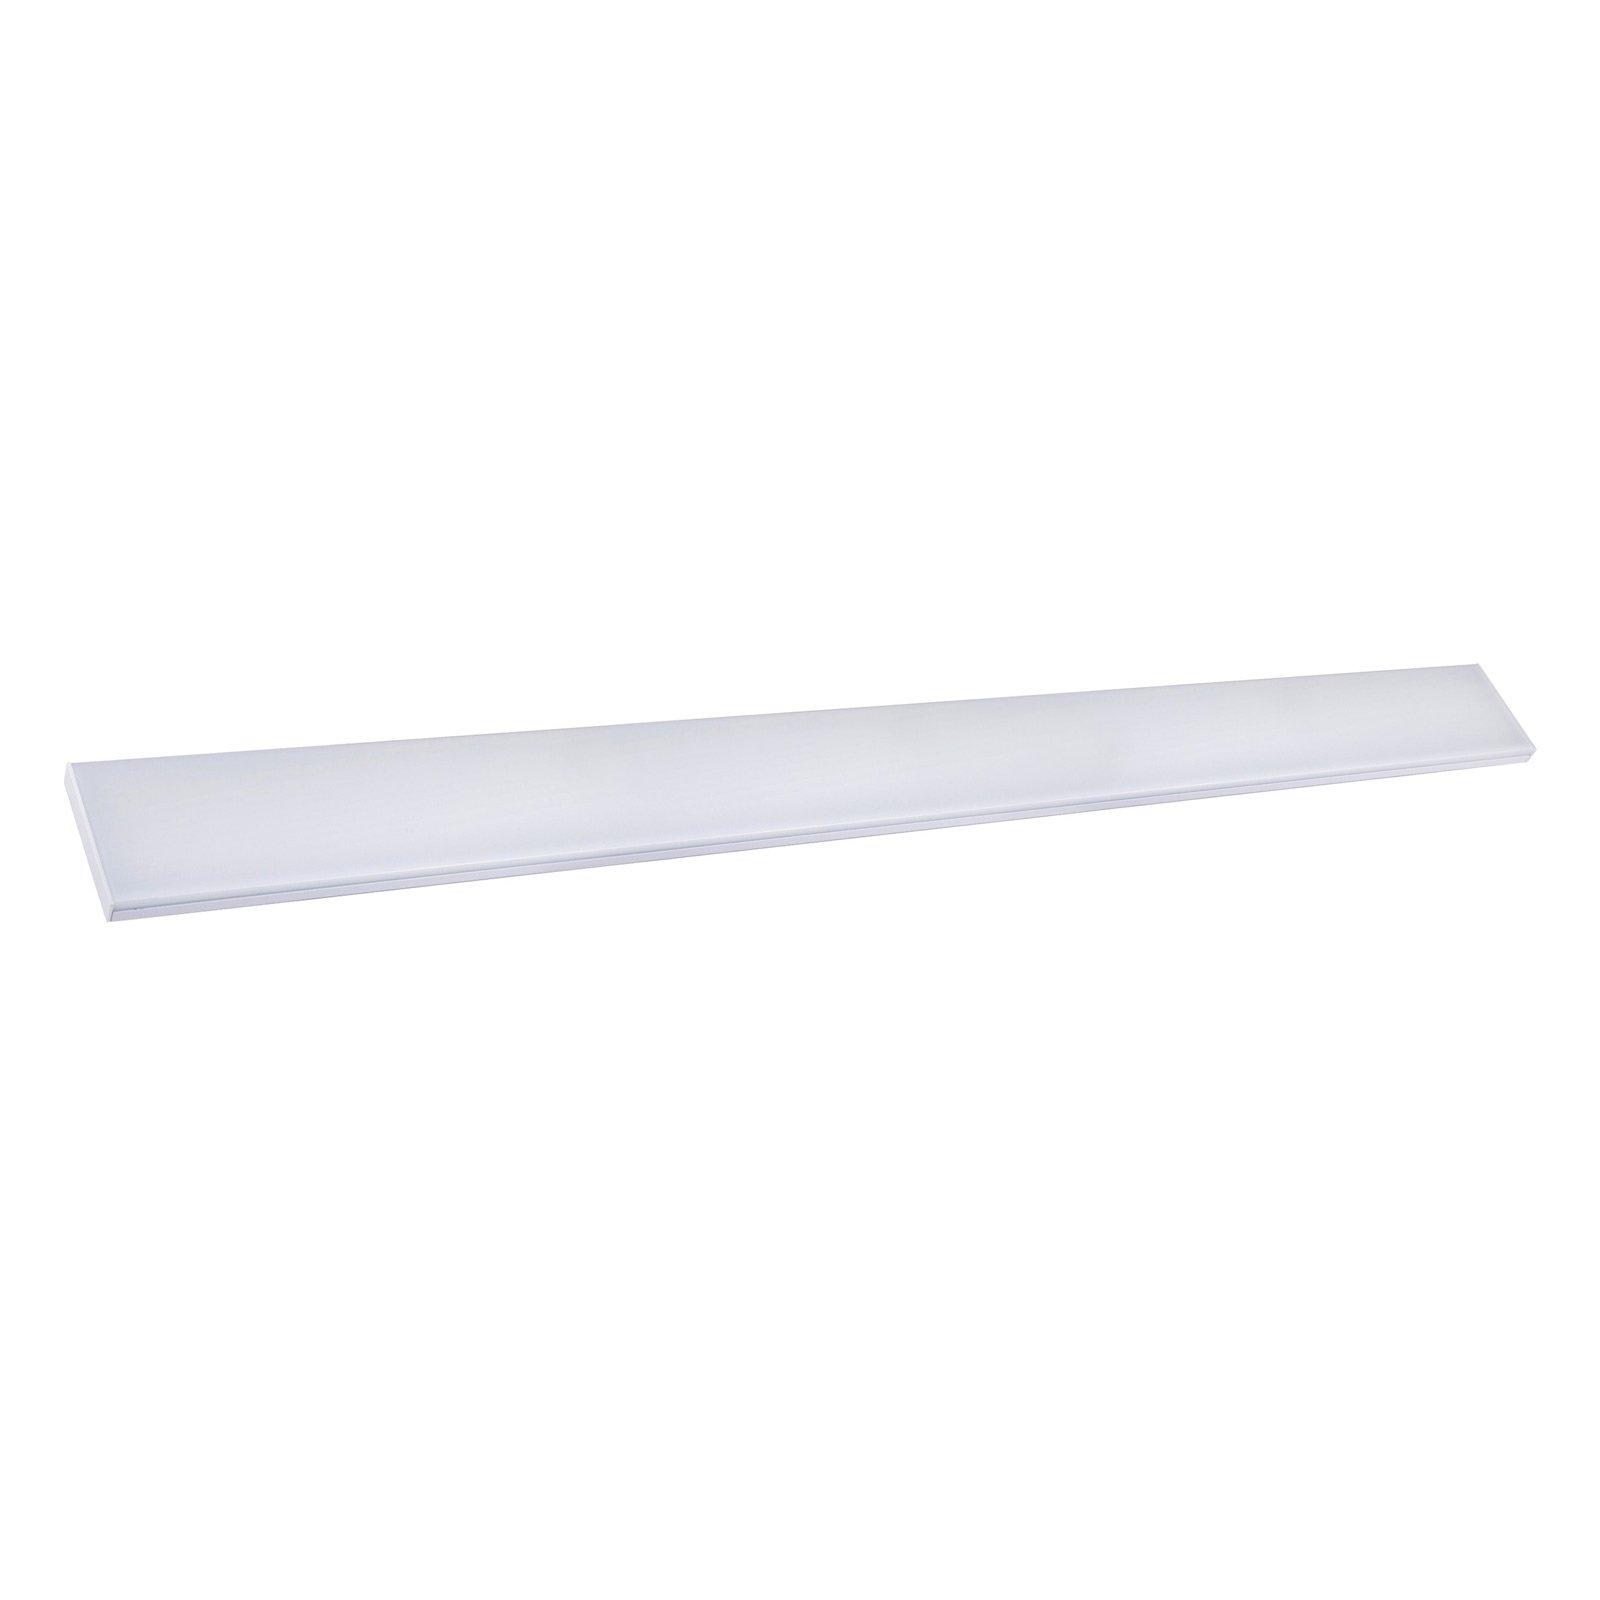 Planus 120 LED-taklampe universalhvit